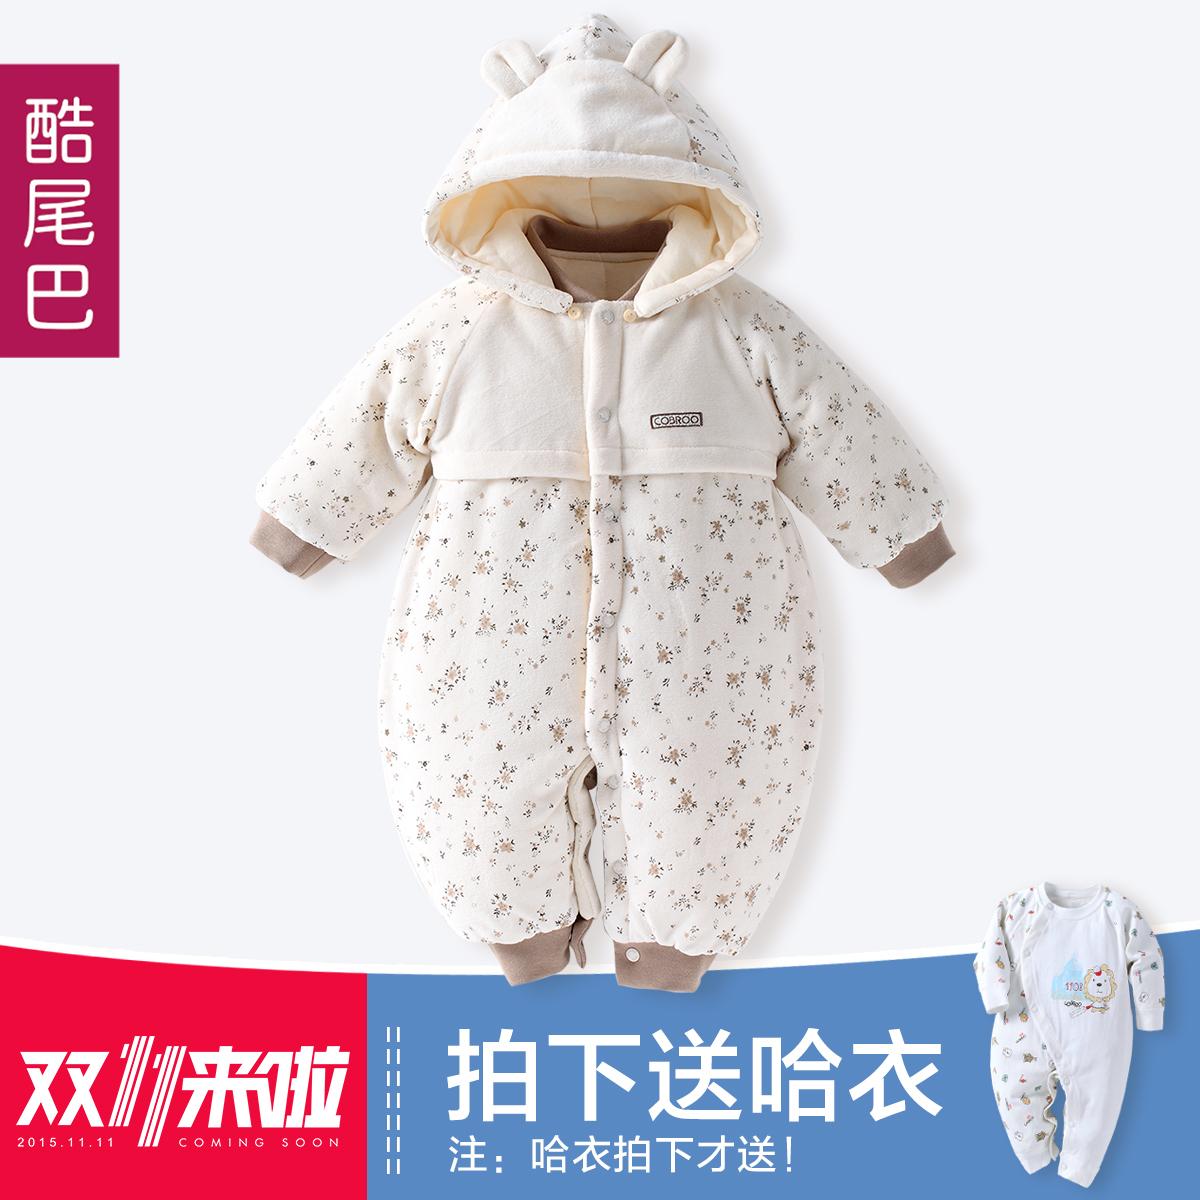 Младенческой зимних пальто мягкий новорожденных одежда HA одежда восхождение одежду, baby onesies весной на осень/зима ходьба платье